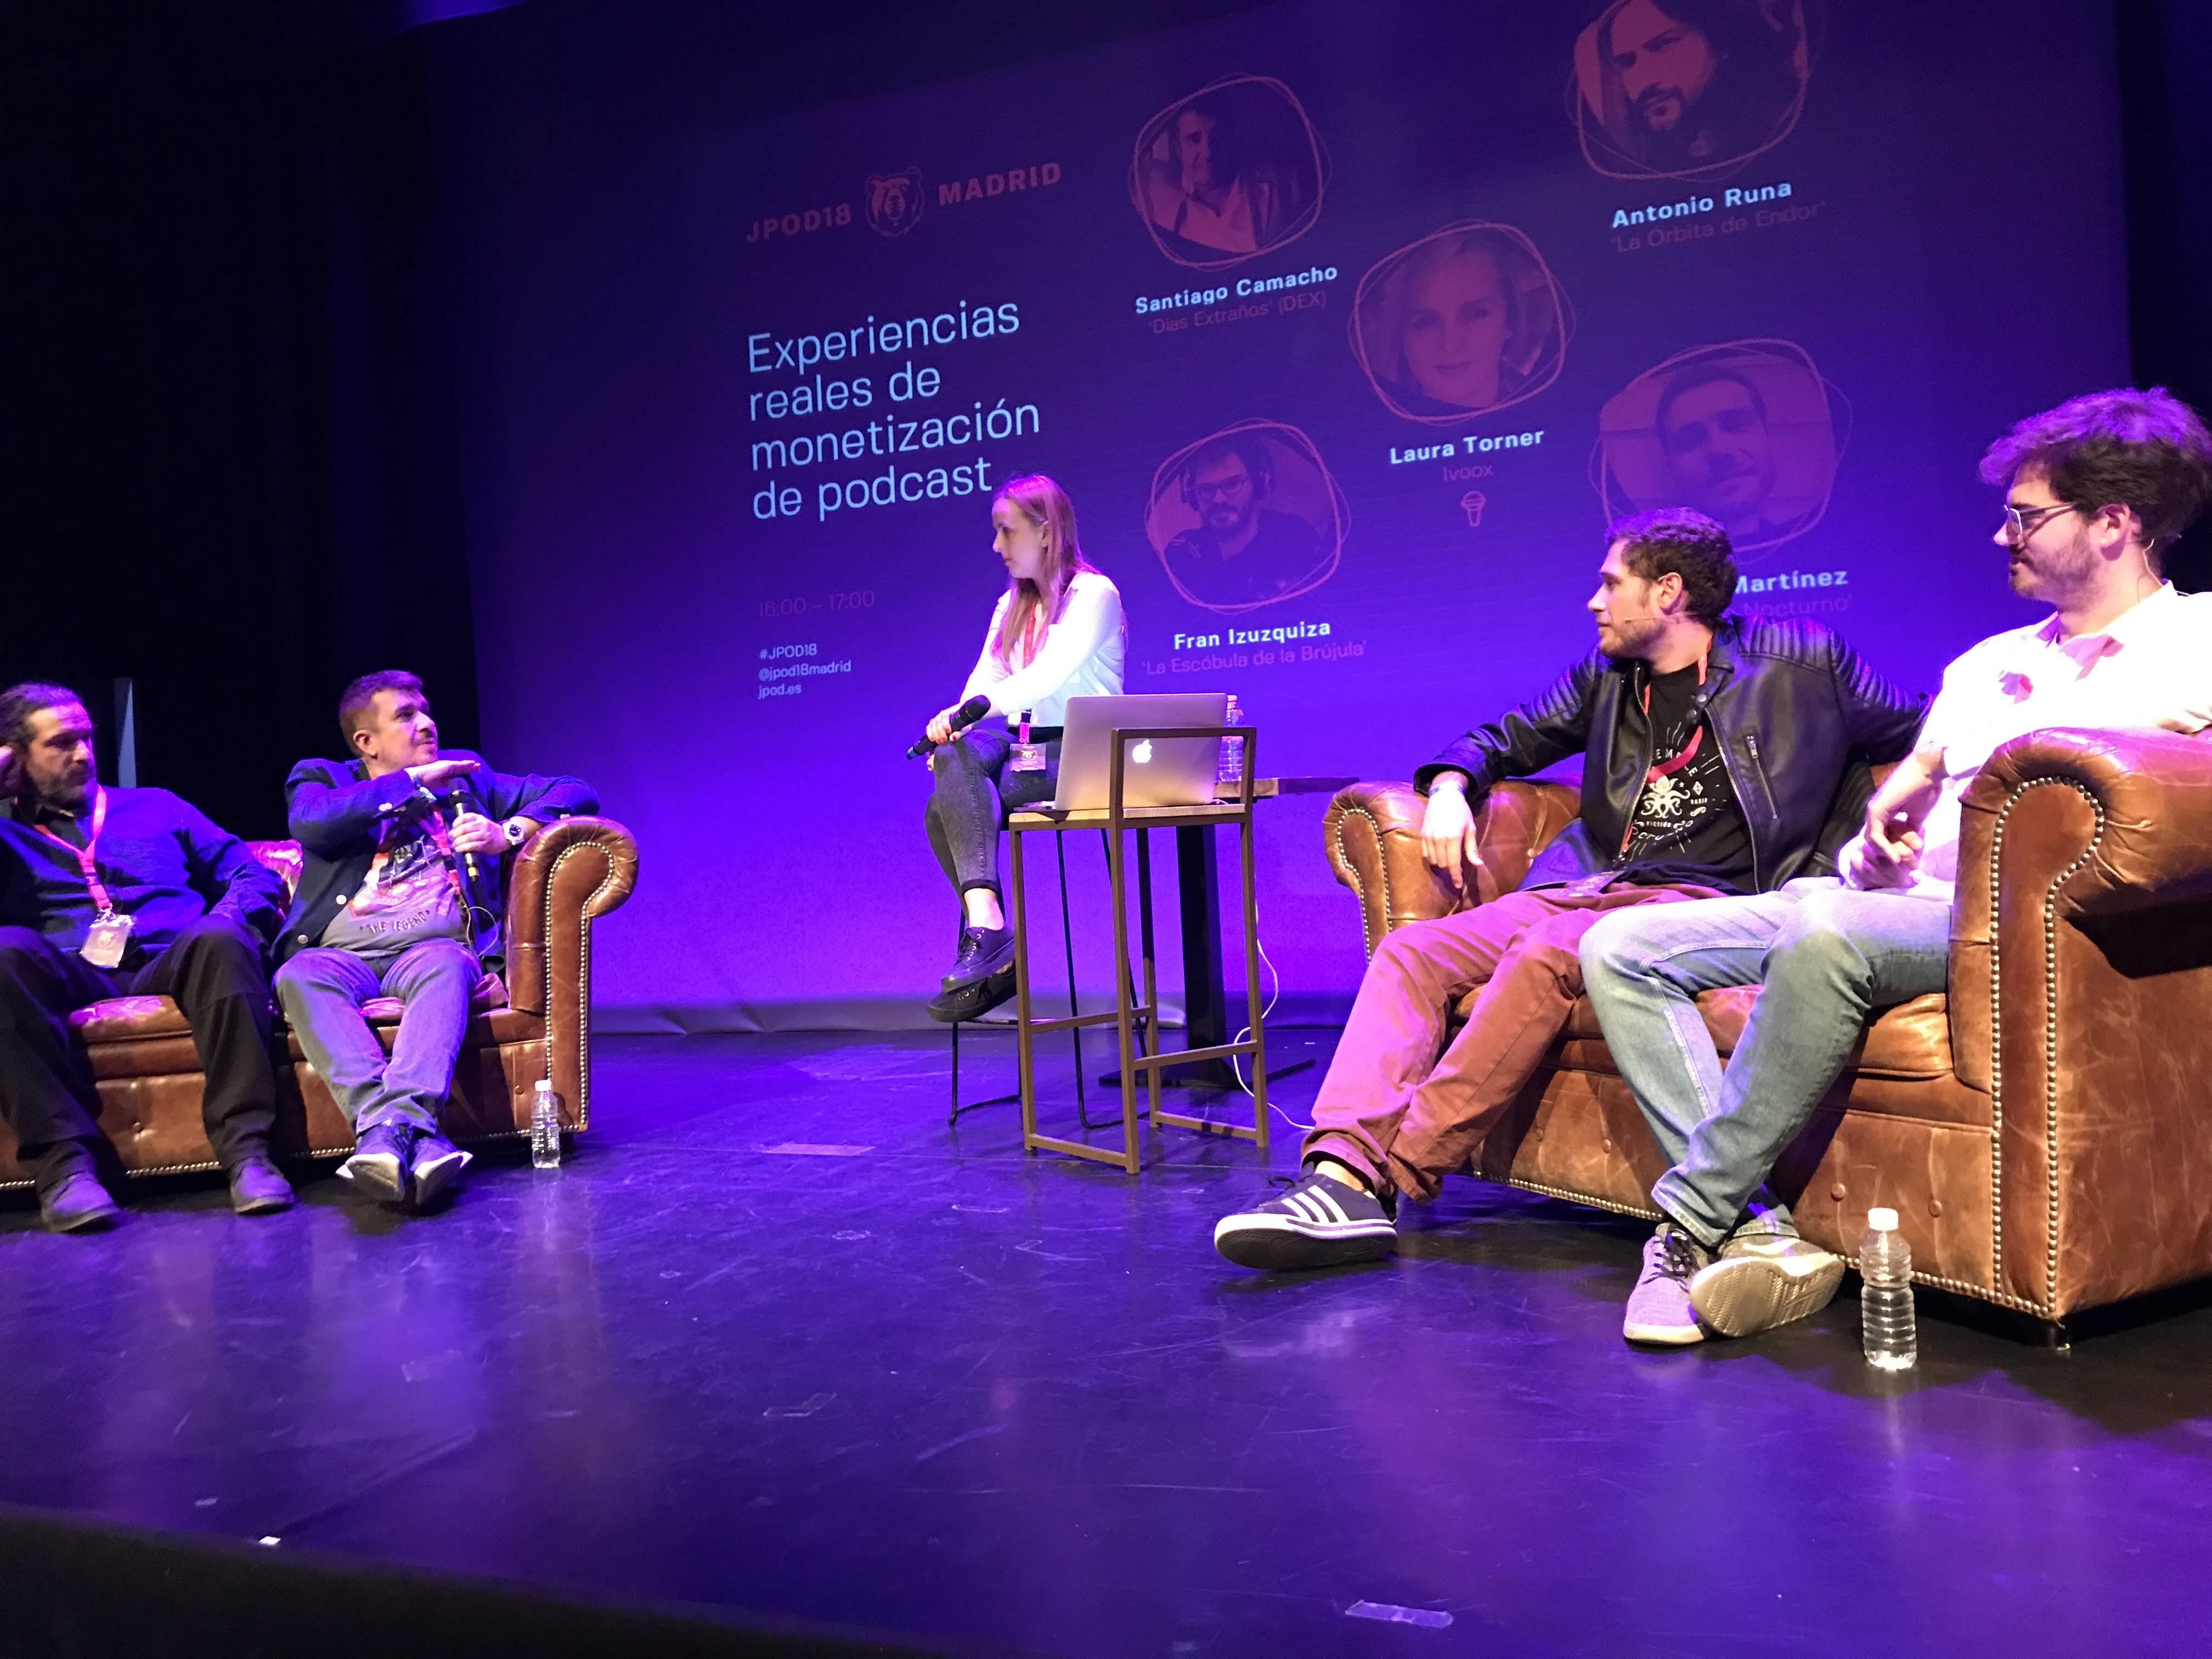 Ivoox expuso en JPOD18 varios experiencias reales de monetización de podcast con La órbita de Endor, Días Extraños, Noviembre Nocturno y La escóbula de la brújula.